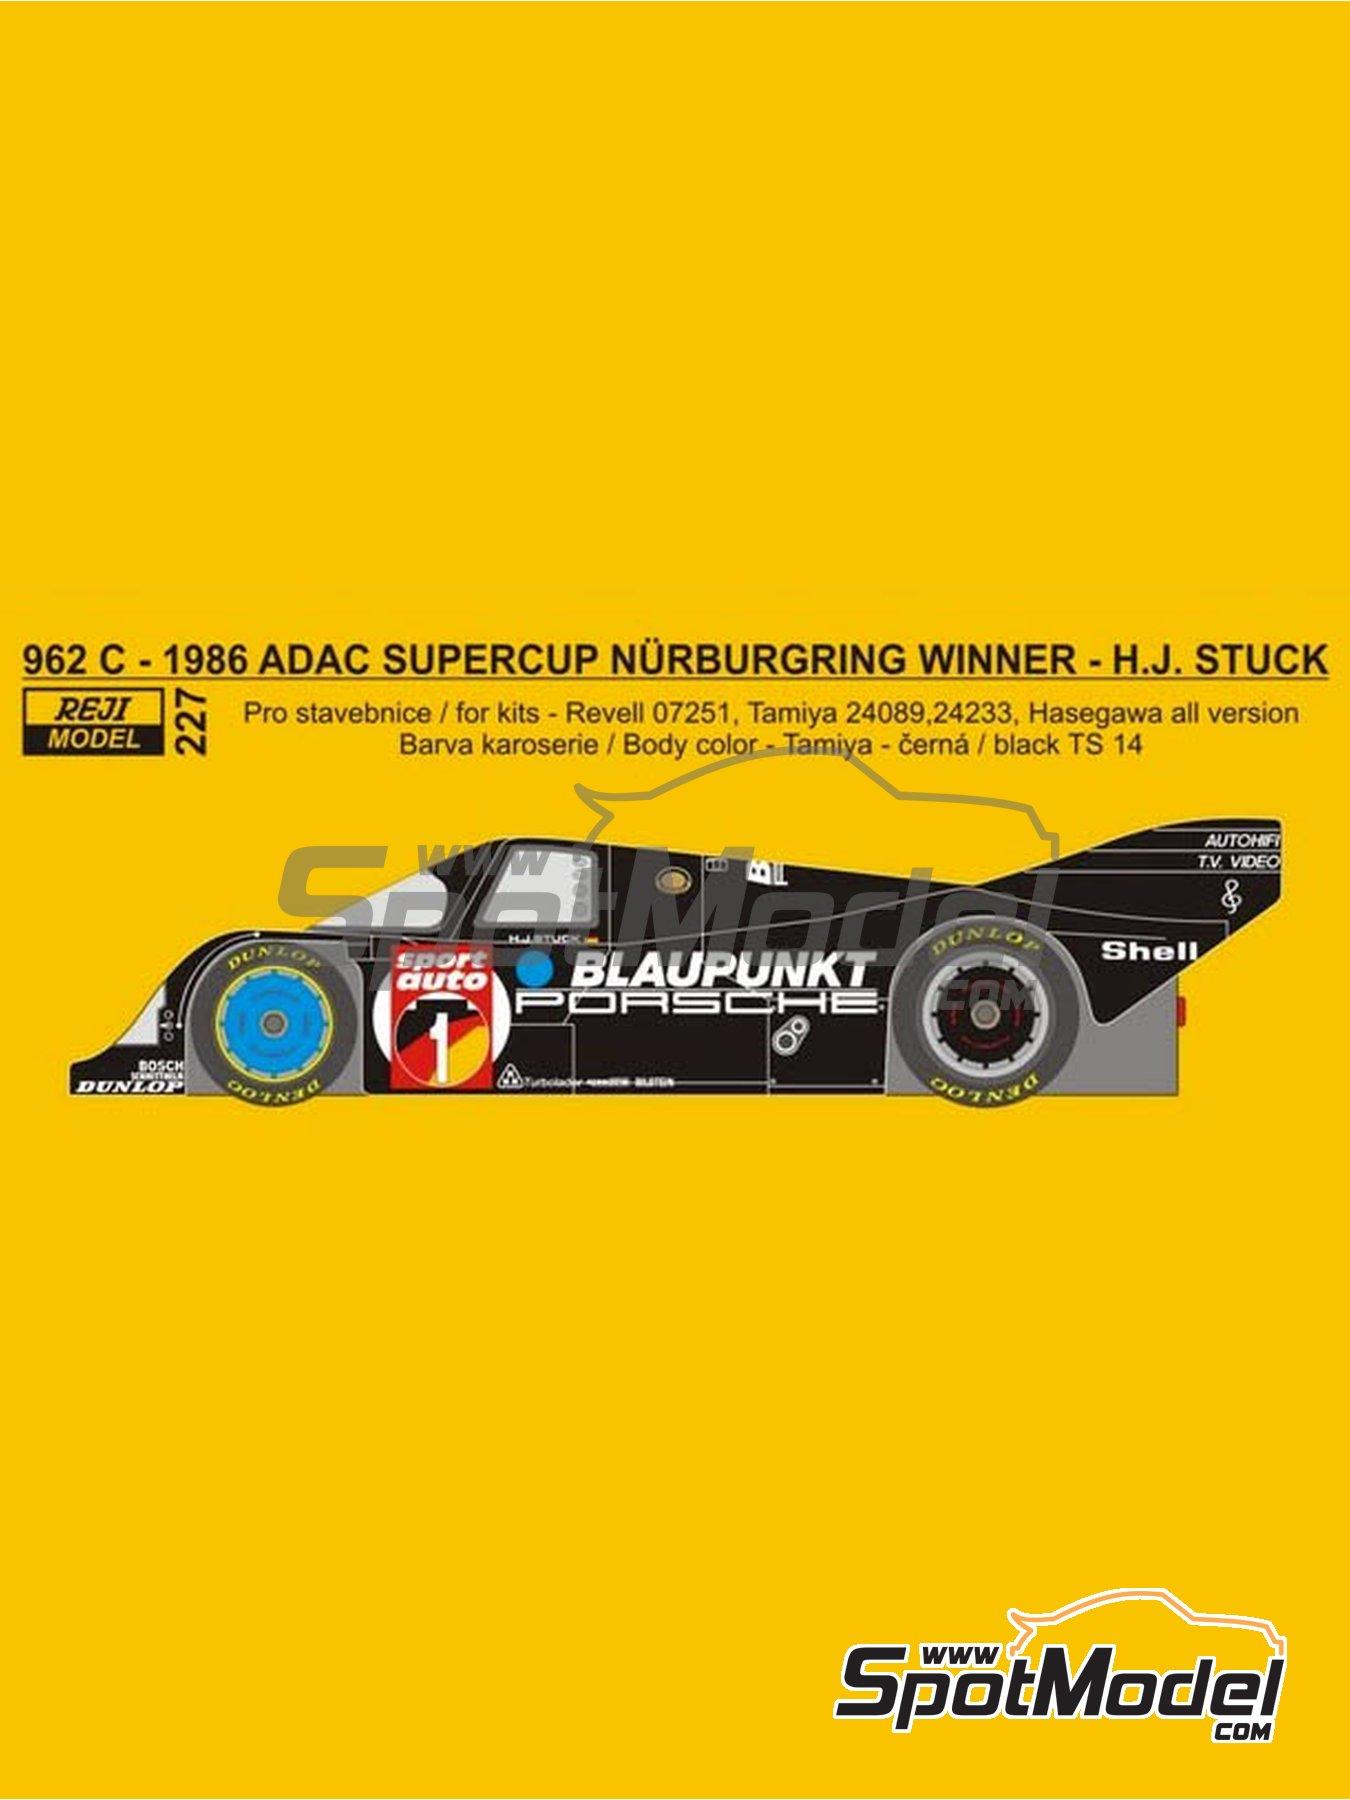 Porsche 962C Blaupunkt - ADAC Supercup Nürburing 1986 | Decoración en escala1/24 fabricado por Reji Model (ref.REJI-227) image